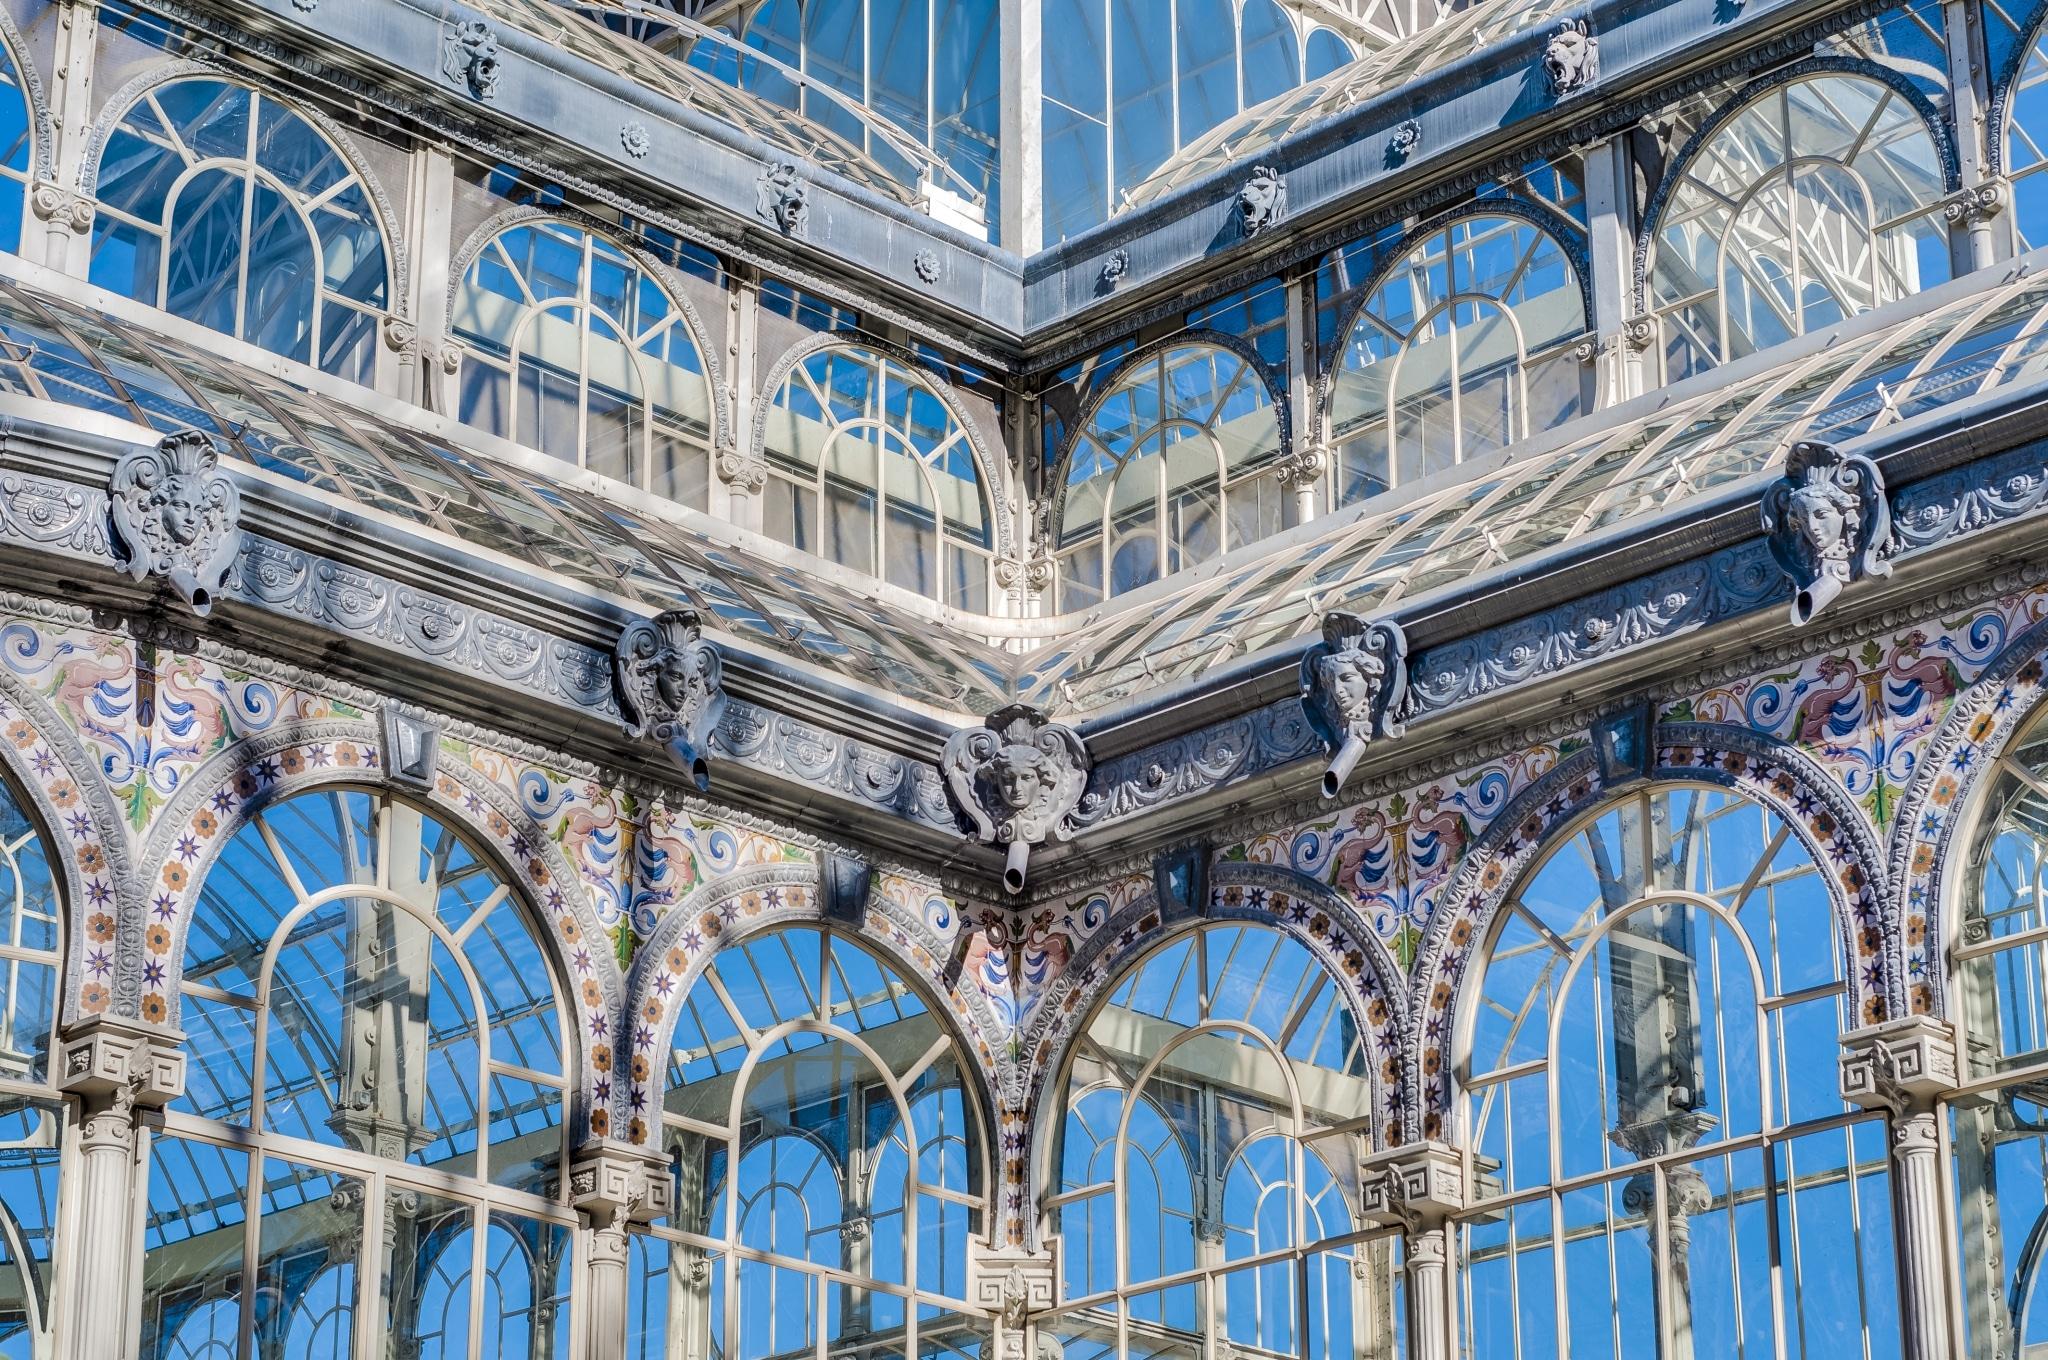 Palacio de Cristal de Madrid por dentro